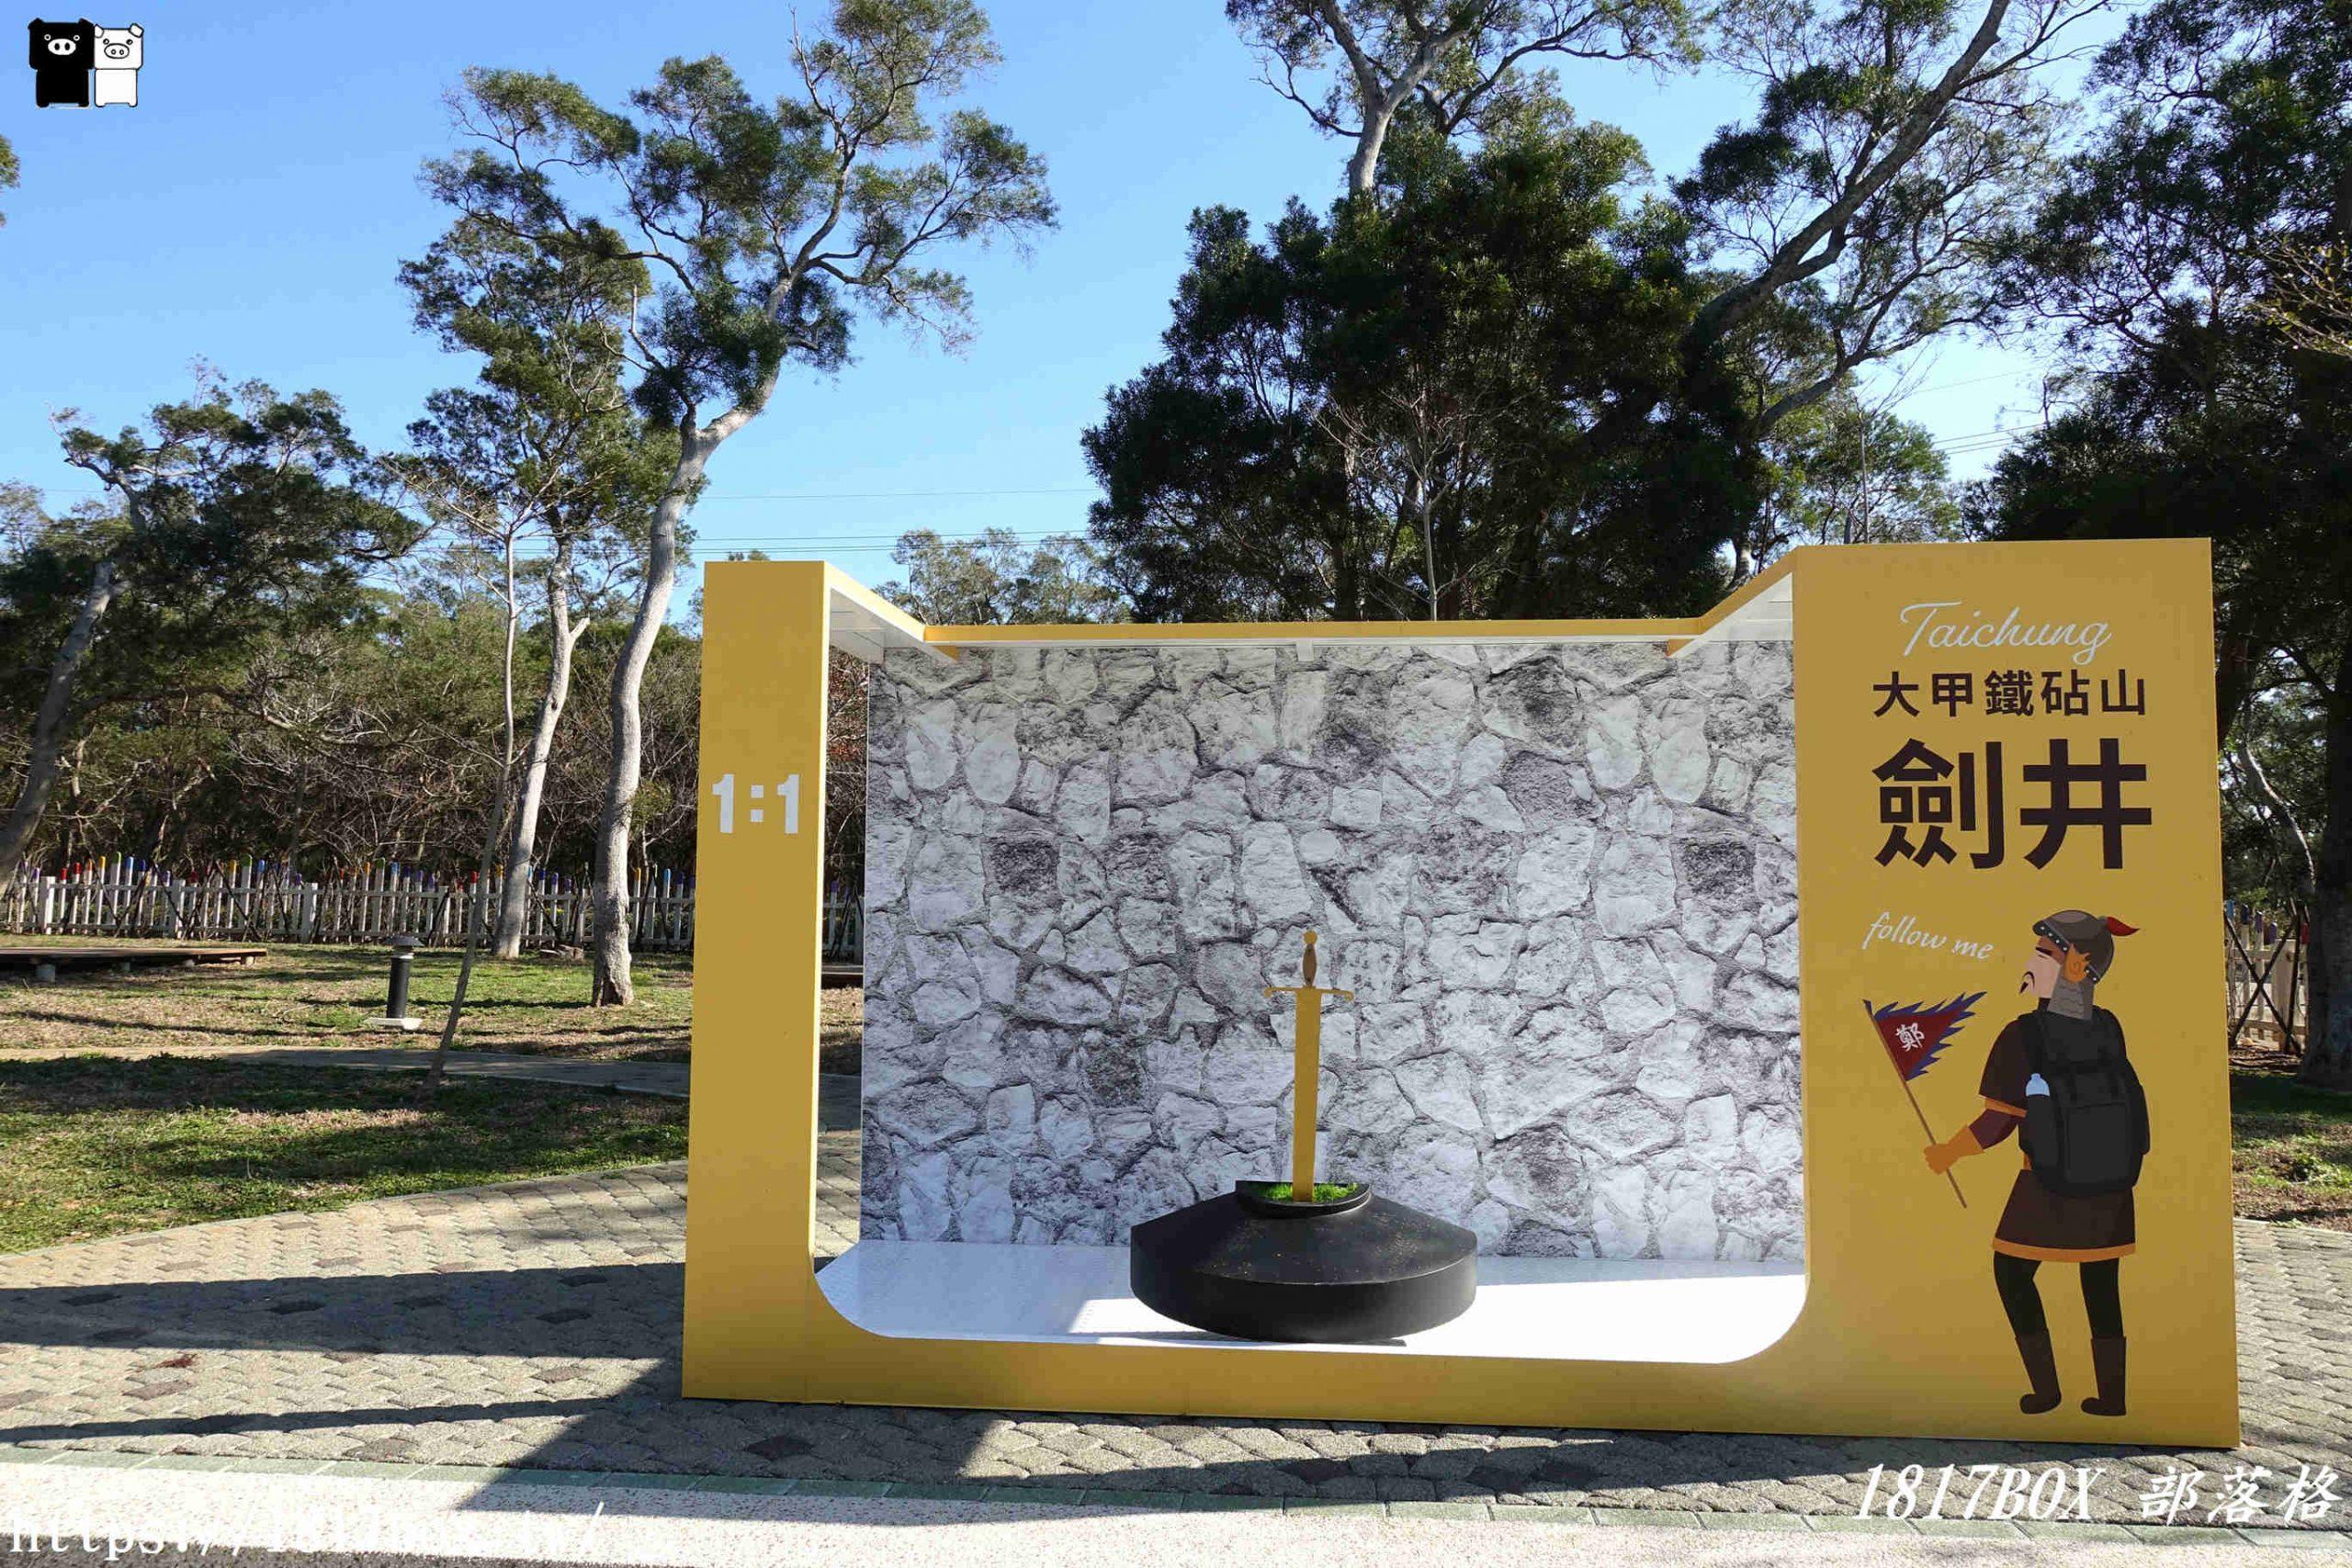 【台中。大甲】3座超Q互動式模型屋。大甲鐵砧山打卡亮點 @1817BOX部落格